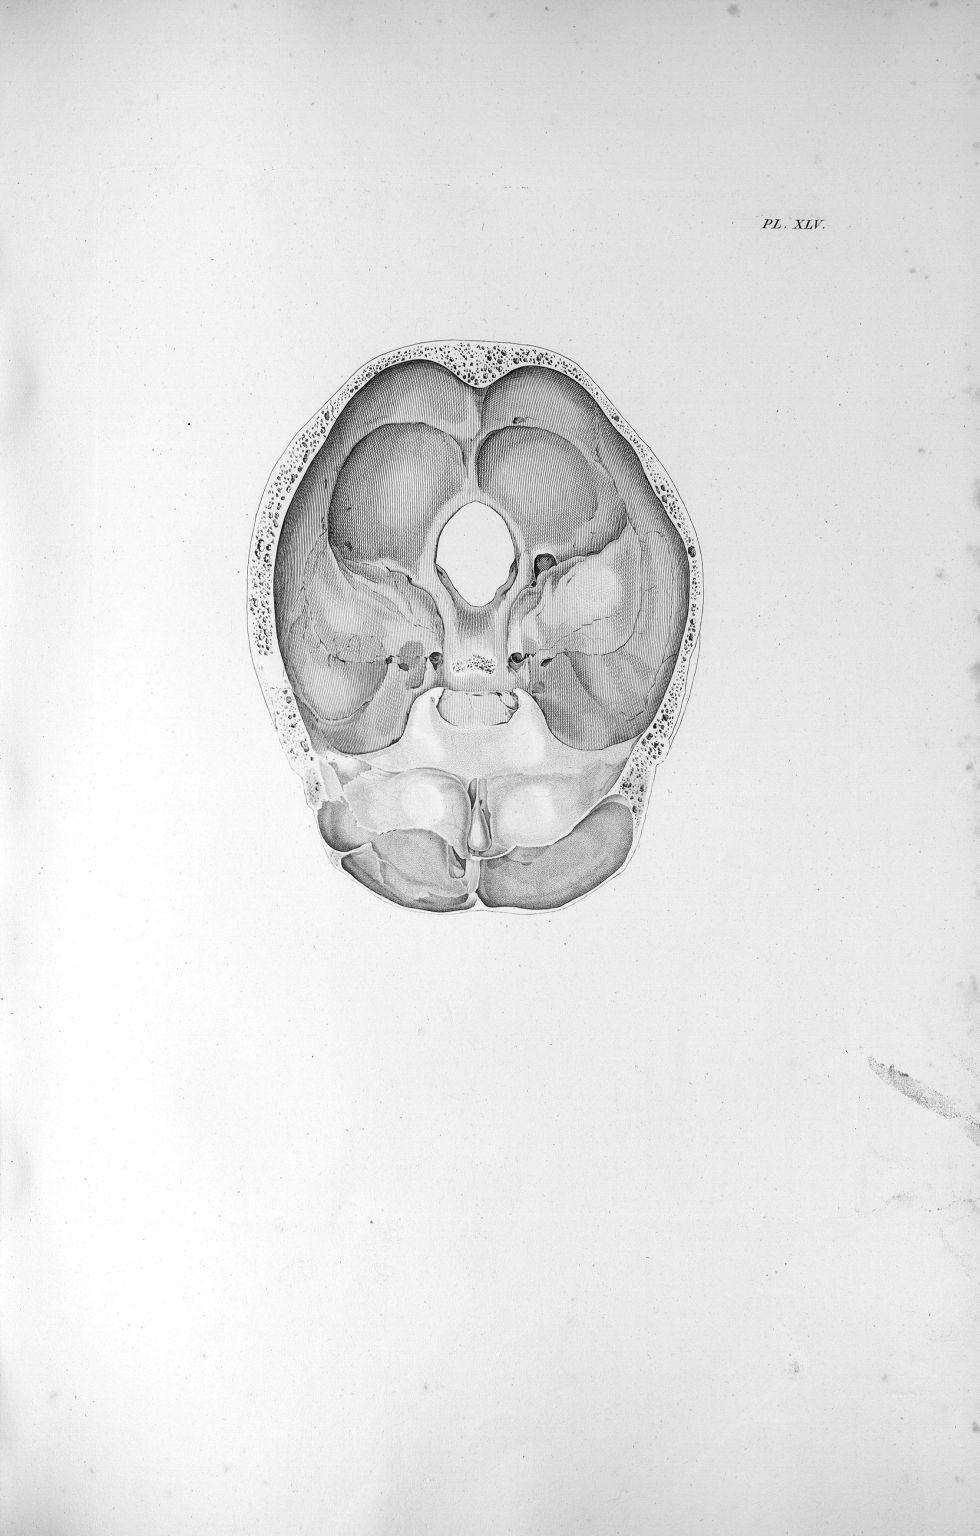 Pl. XLV. Crâne spongieux dans l'âge de la décrépitude et écartement extraordinaire de deux lames du  [...] - Anatomie. Neurologie. Crânes. 19e siècle (France) - med00575xatlasx0055